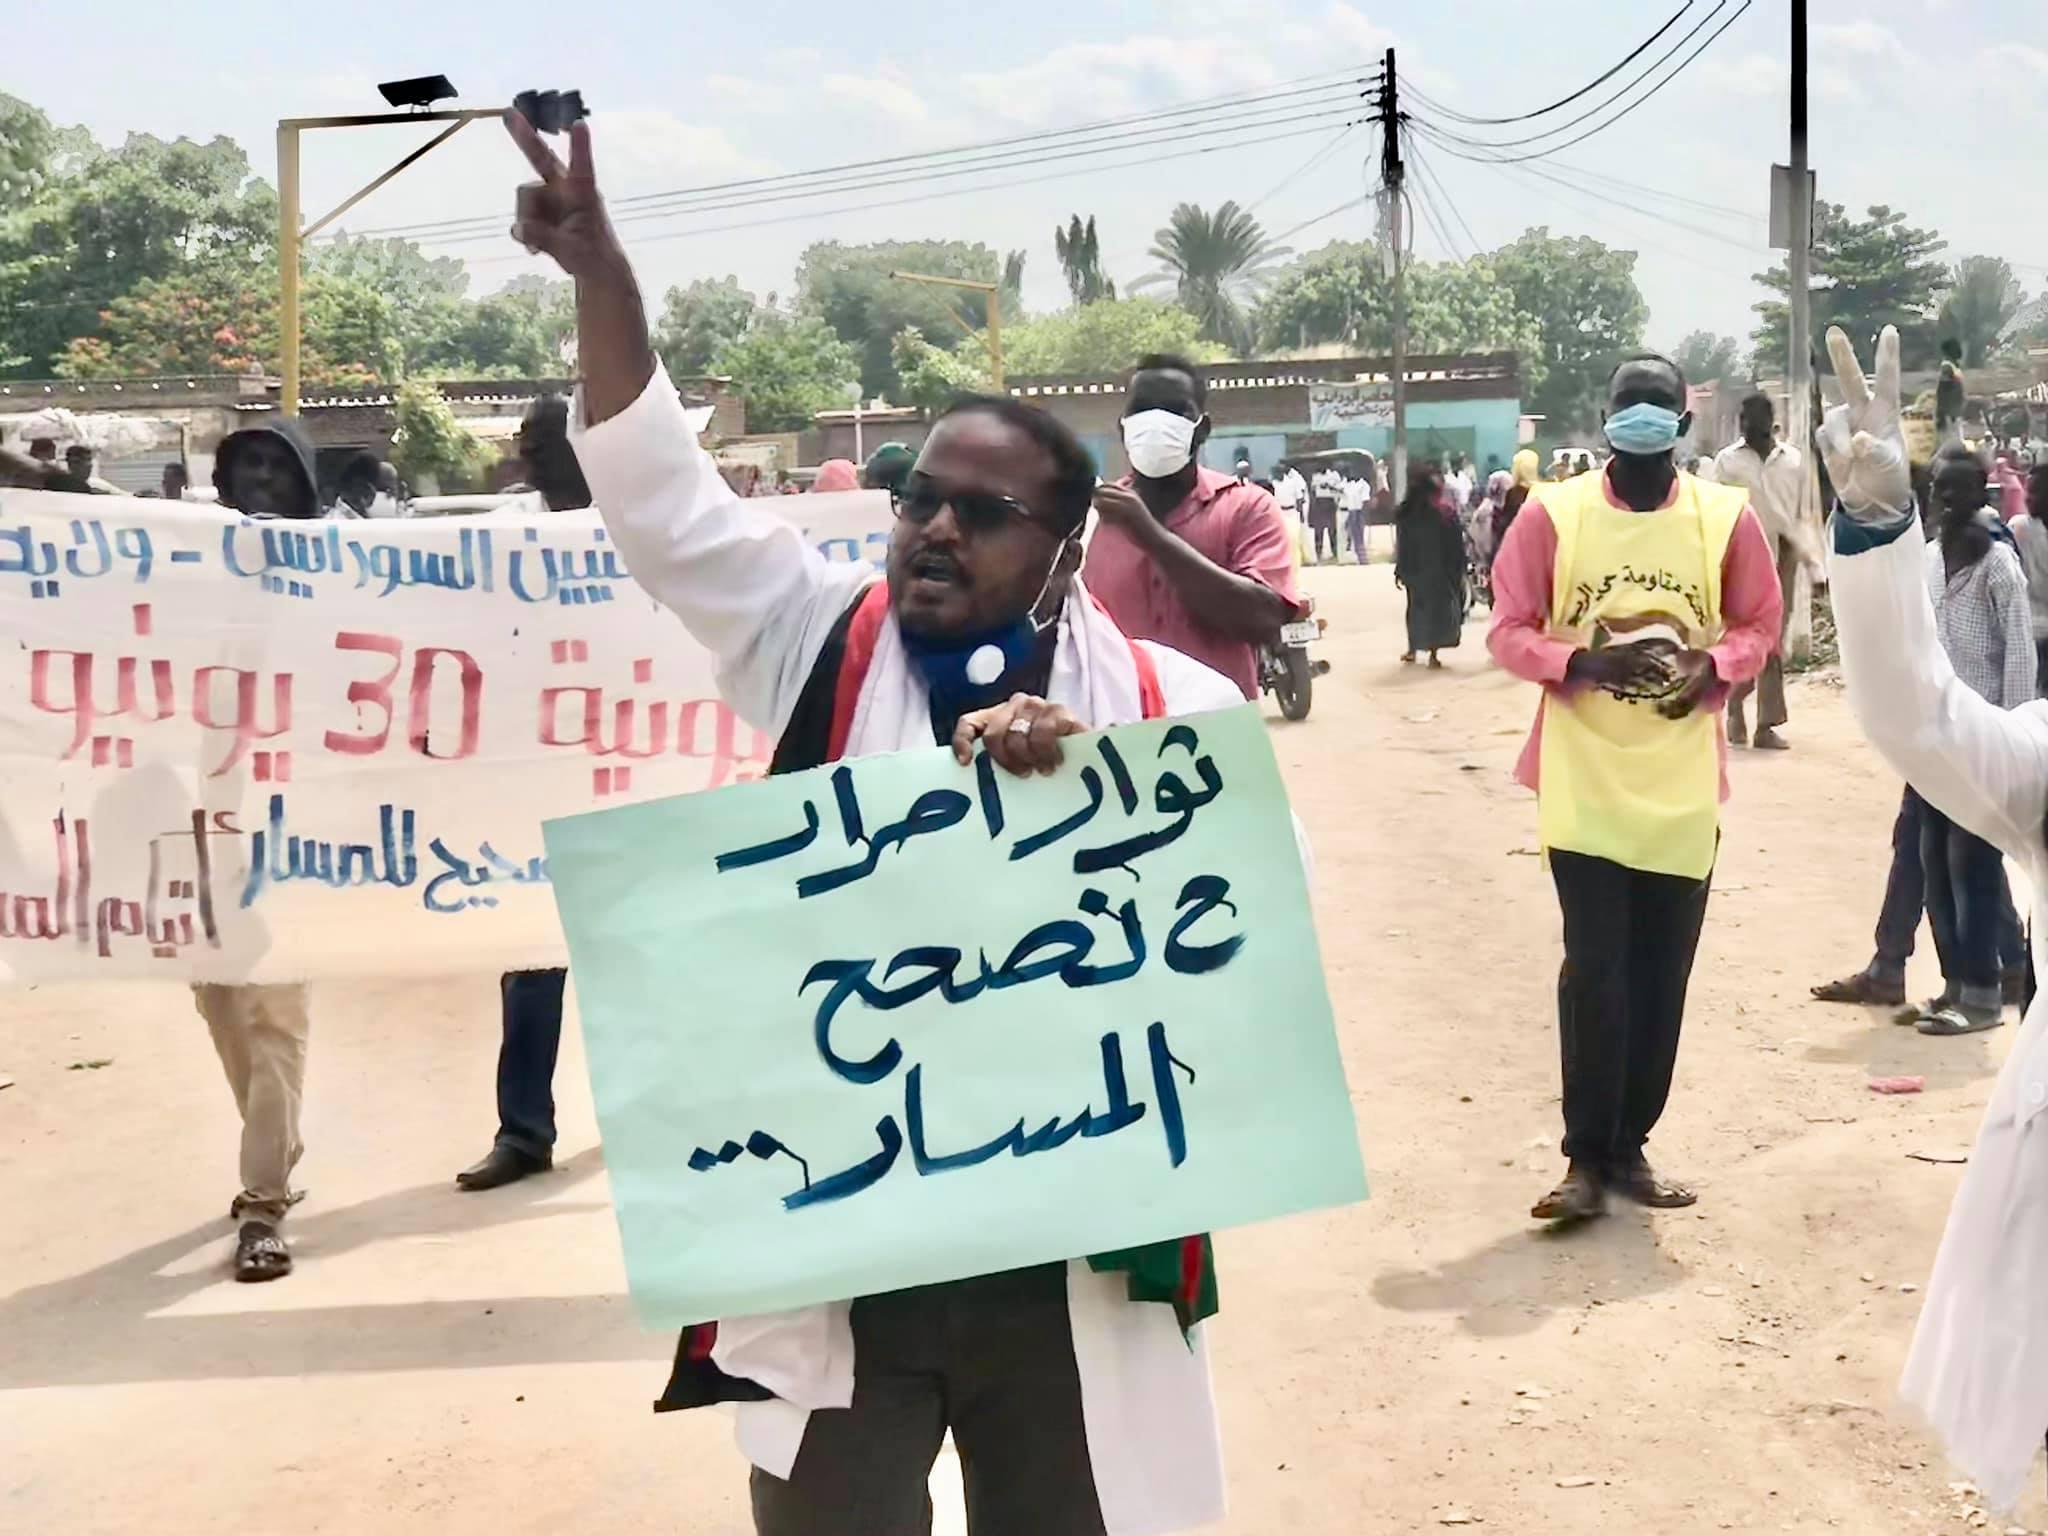 السودان: قمع مفرط وإعتقالات في تظاهرات تصحيح مسار الثورة